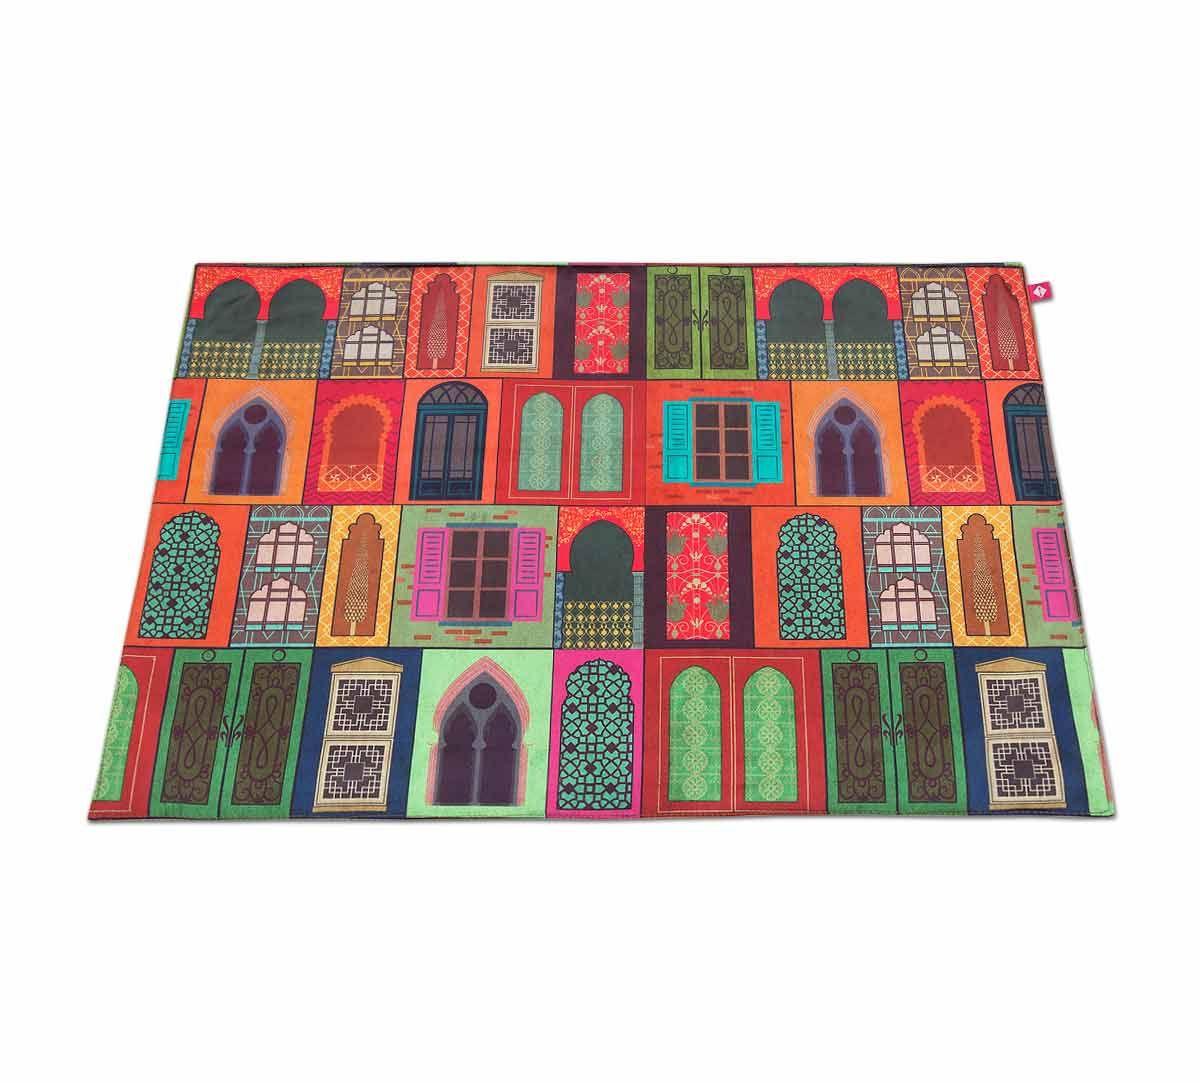 India Circus Mughal Doors Reiteration Table Mats Set of 6